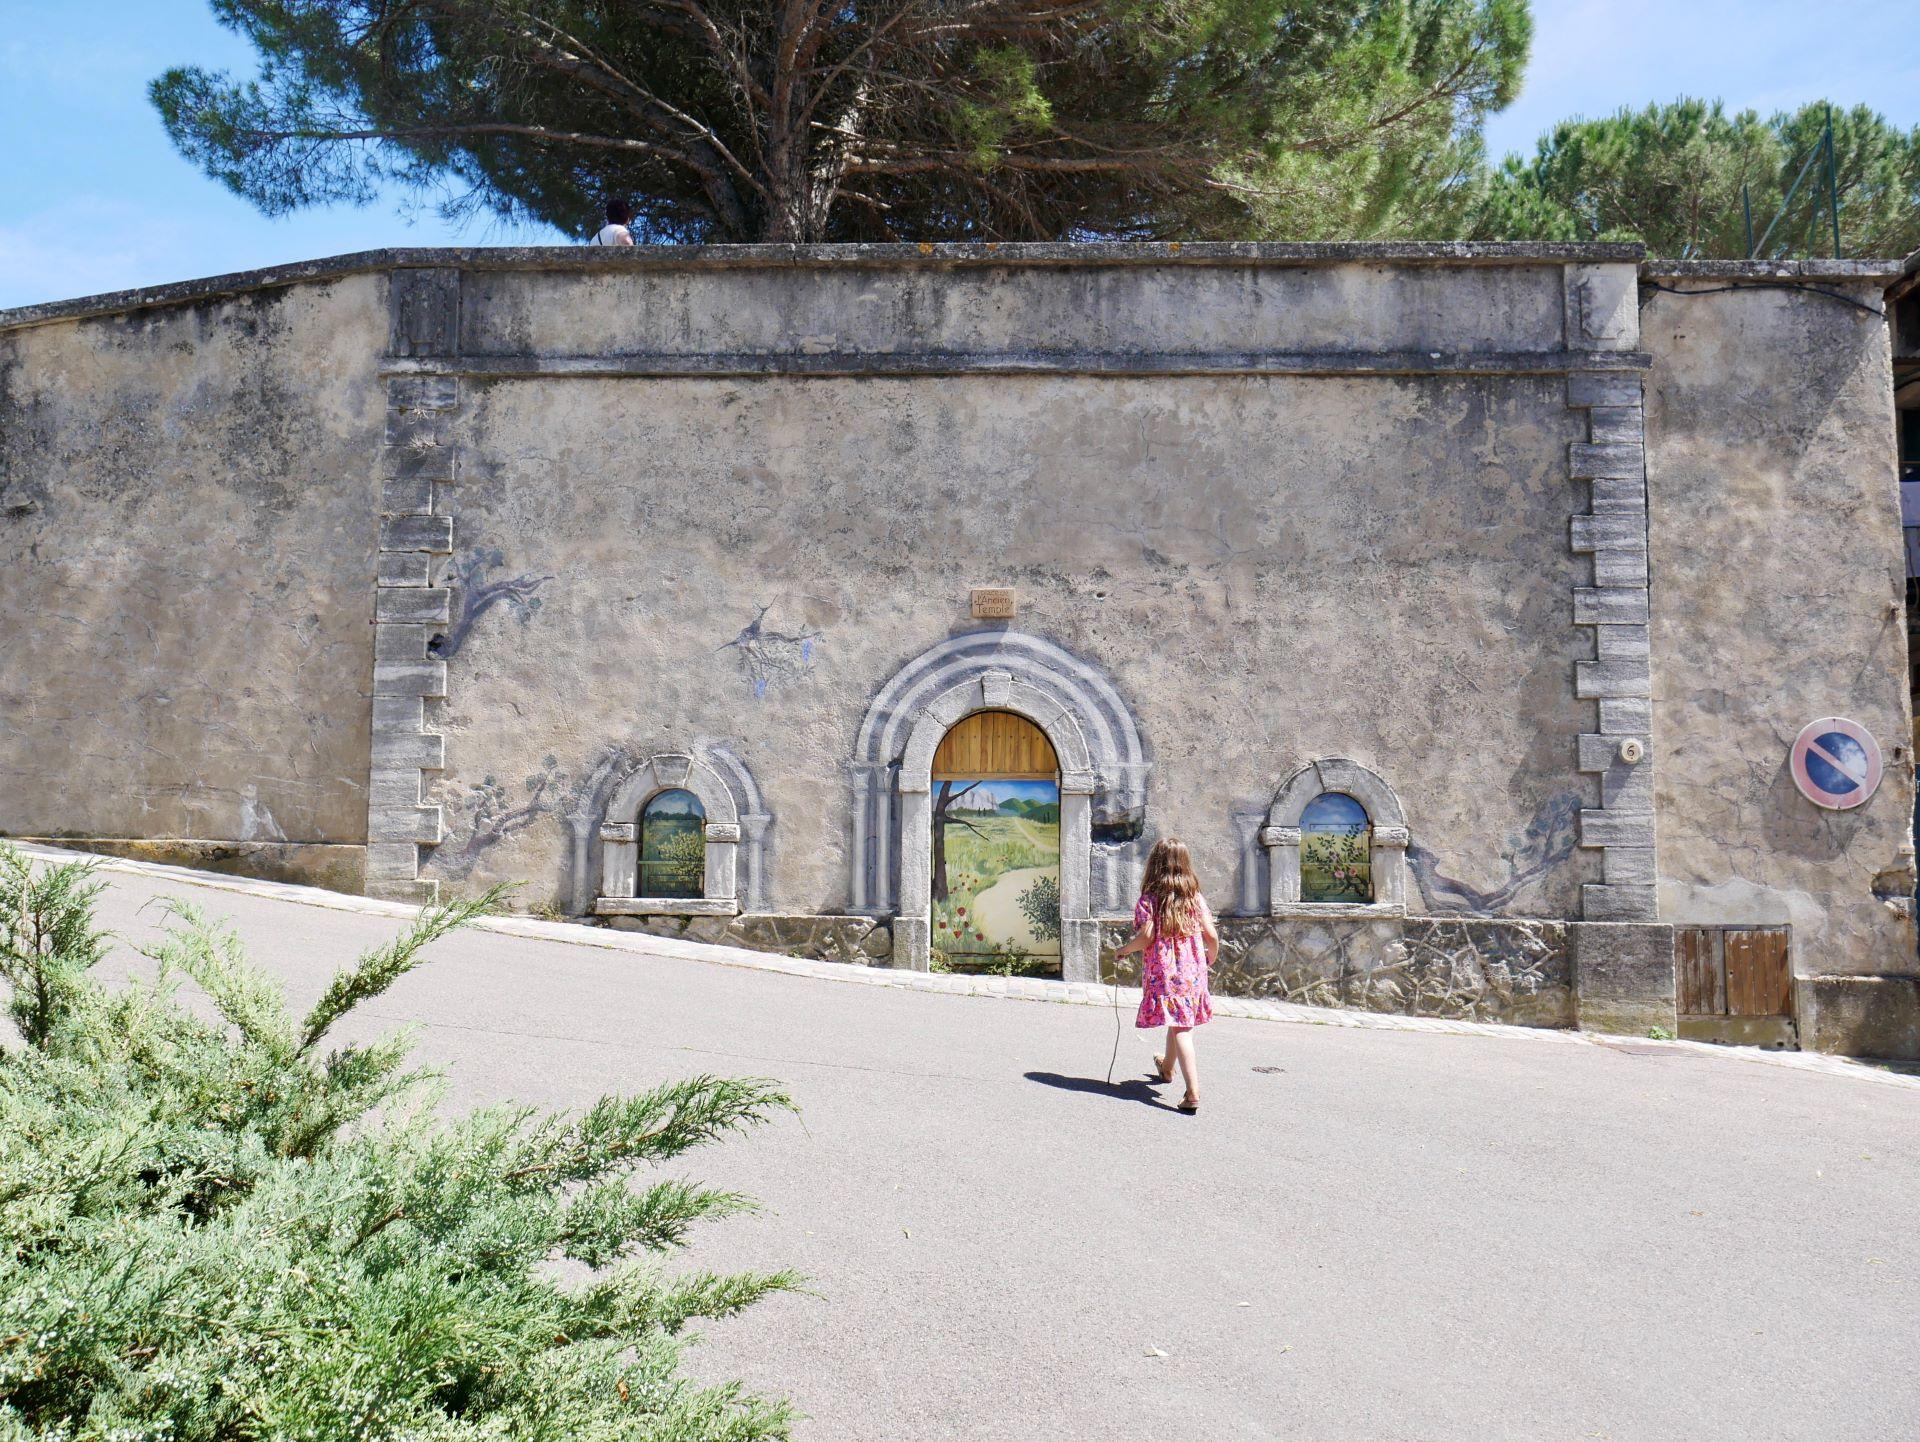 Place de l'ancien temple à Dieulefit avec son trompe l'oeil